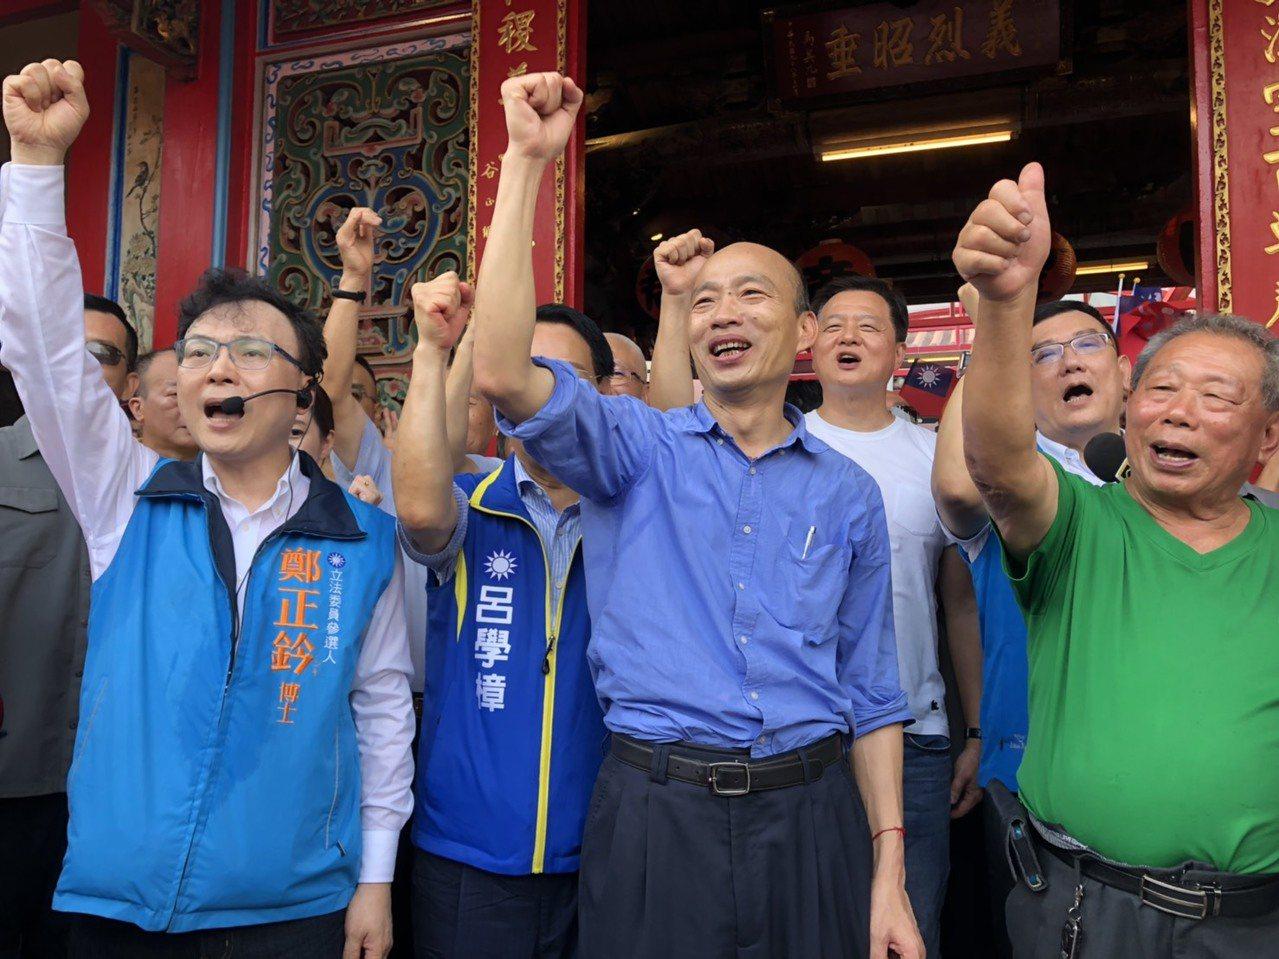 高雄市長韓國瑜(中)今天下午前往新竹市關帝廟參拜上香。記者王駿杰/攝影